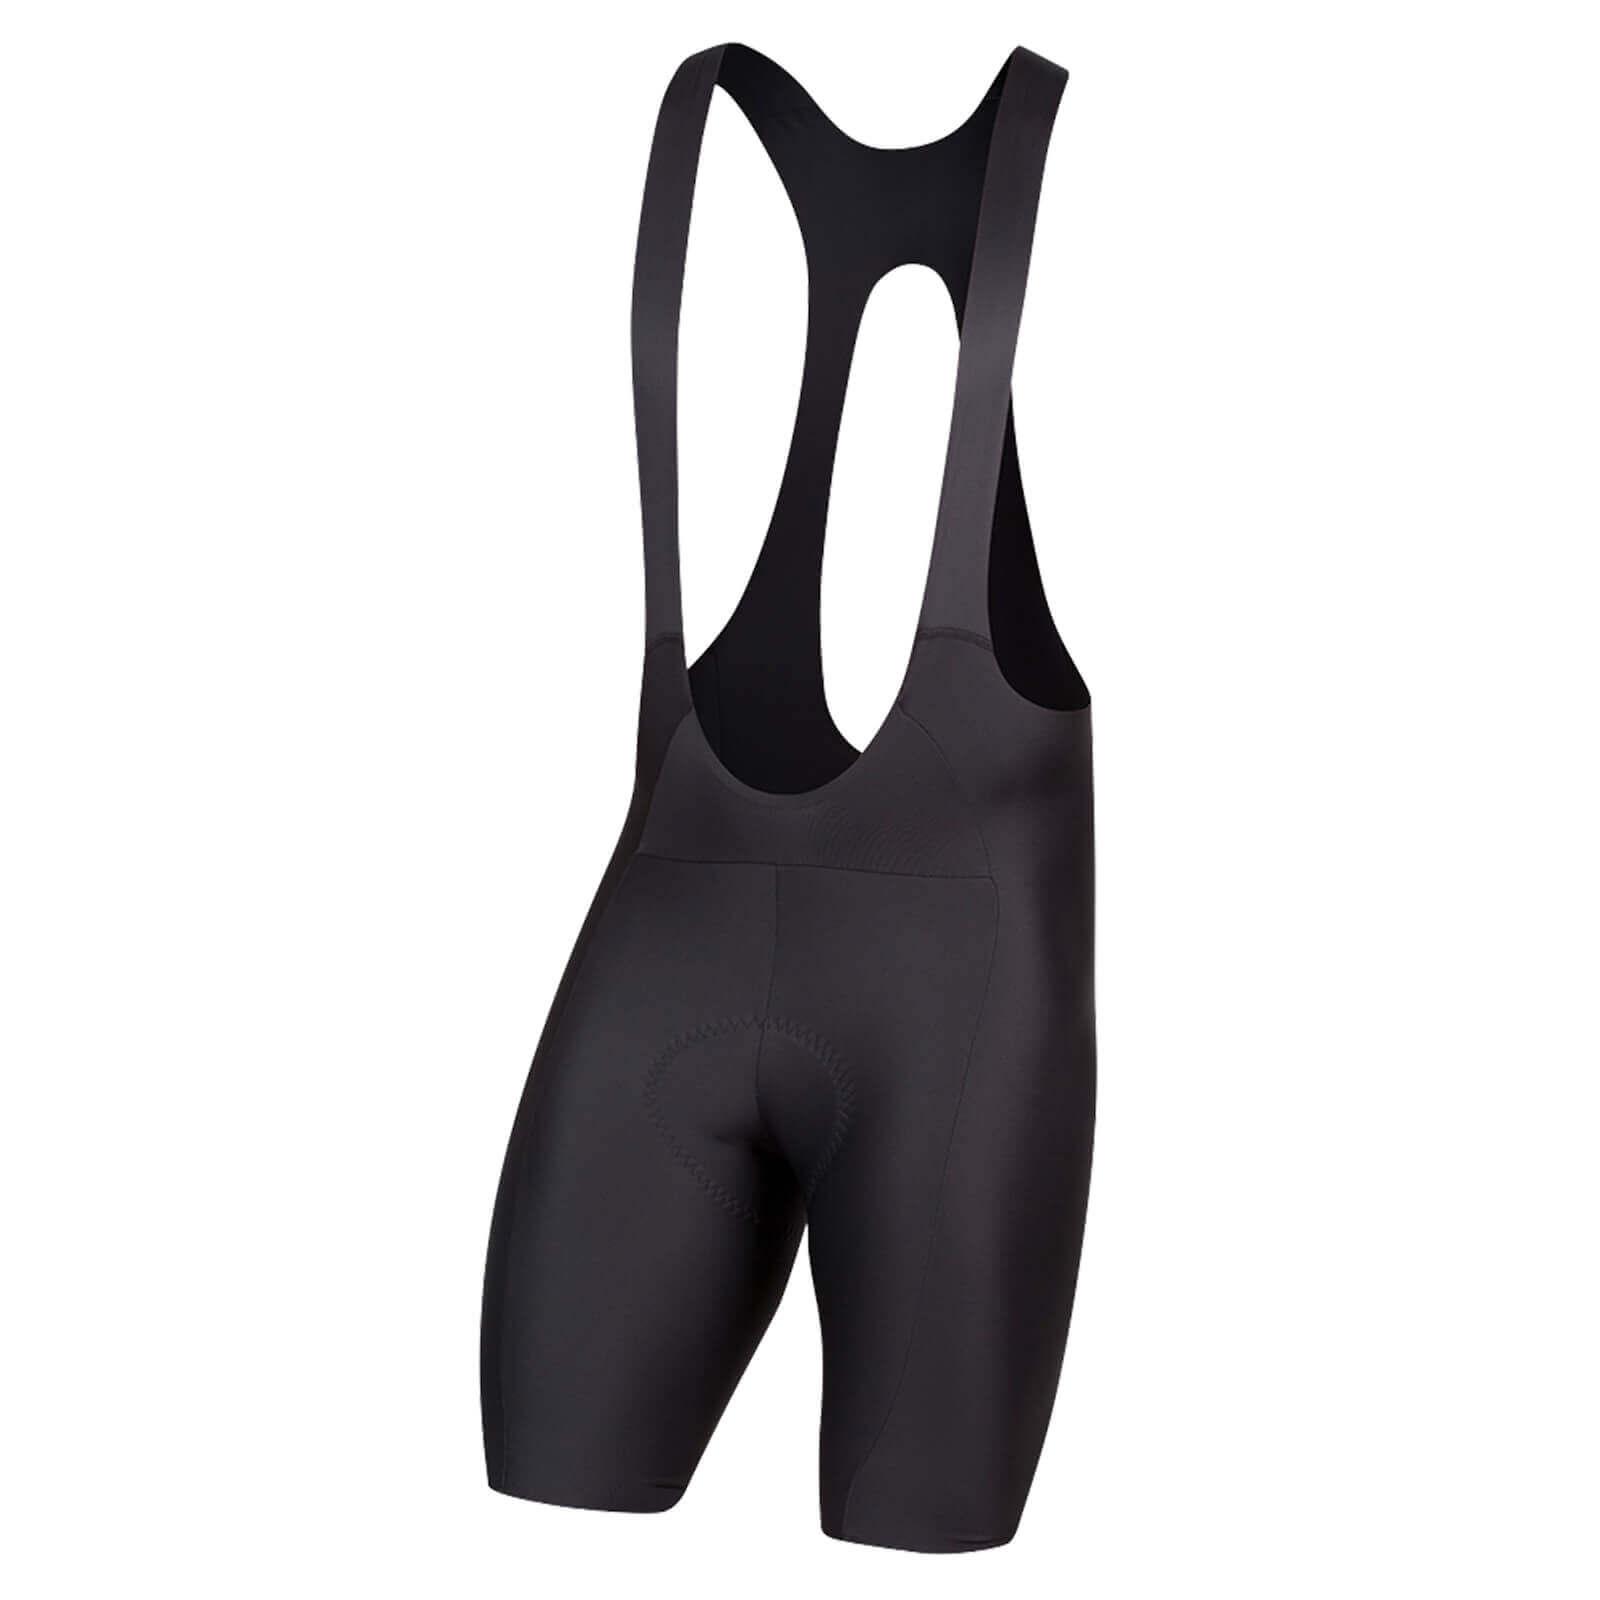 Pearl Izumi Pro Bib Shorts - L - Black